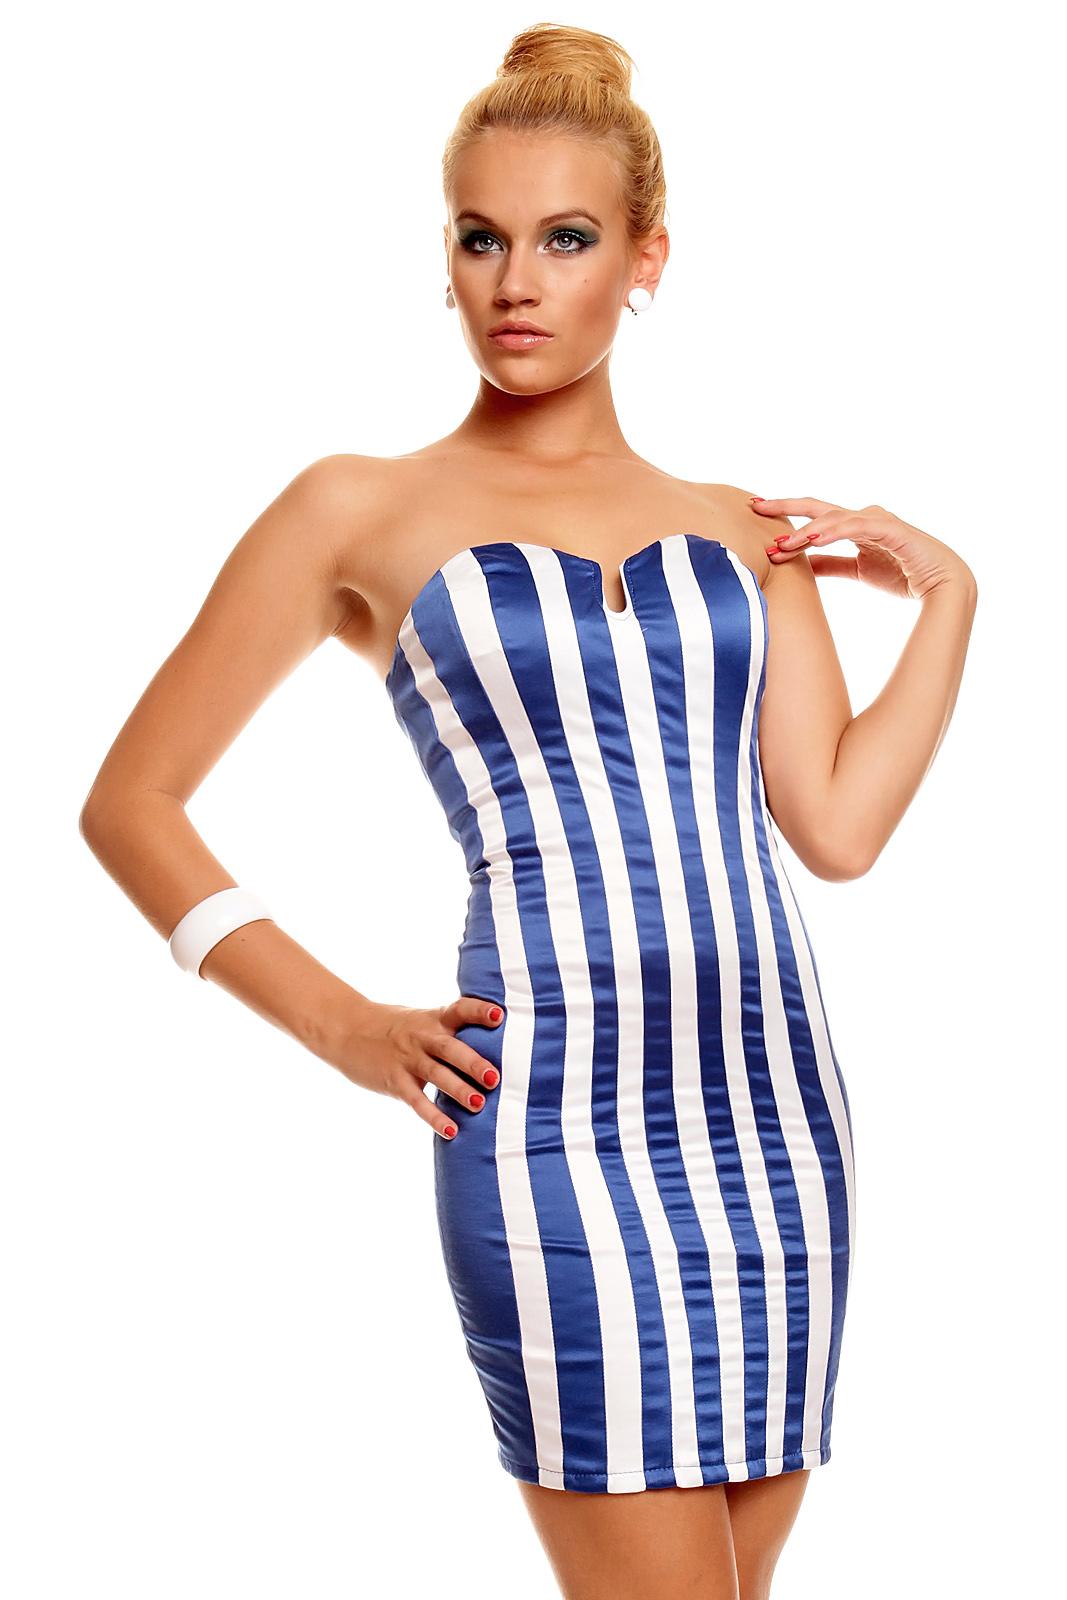 Dámské pouzdrové šaty Zn. Mayaadi Deluxe be48686ccf